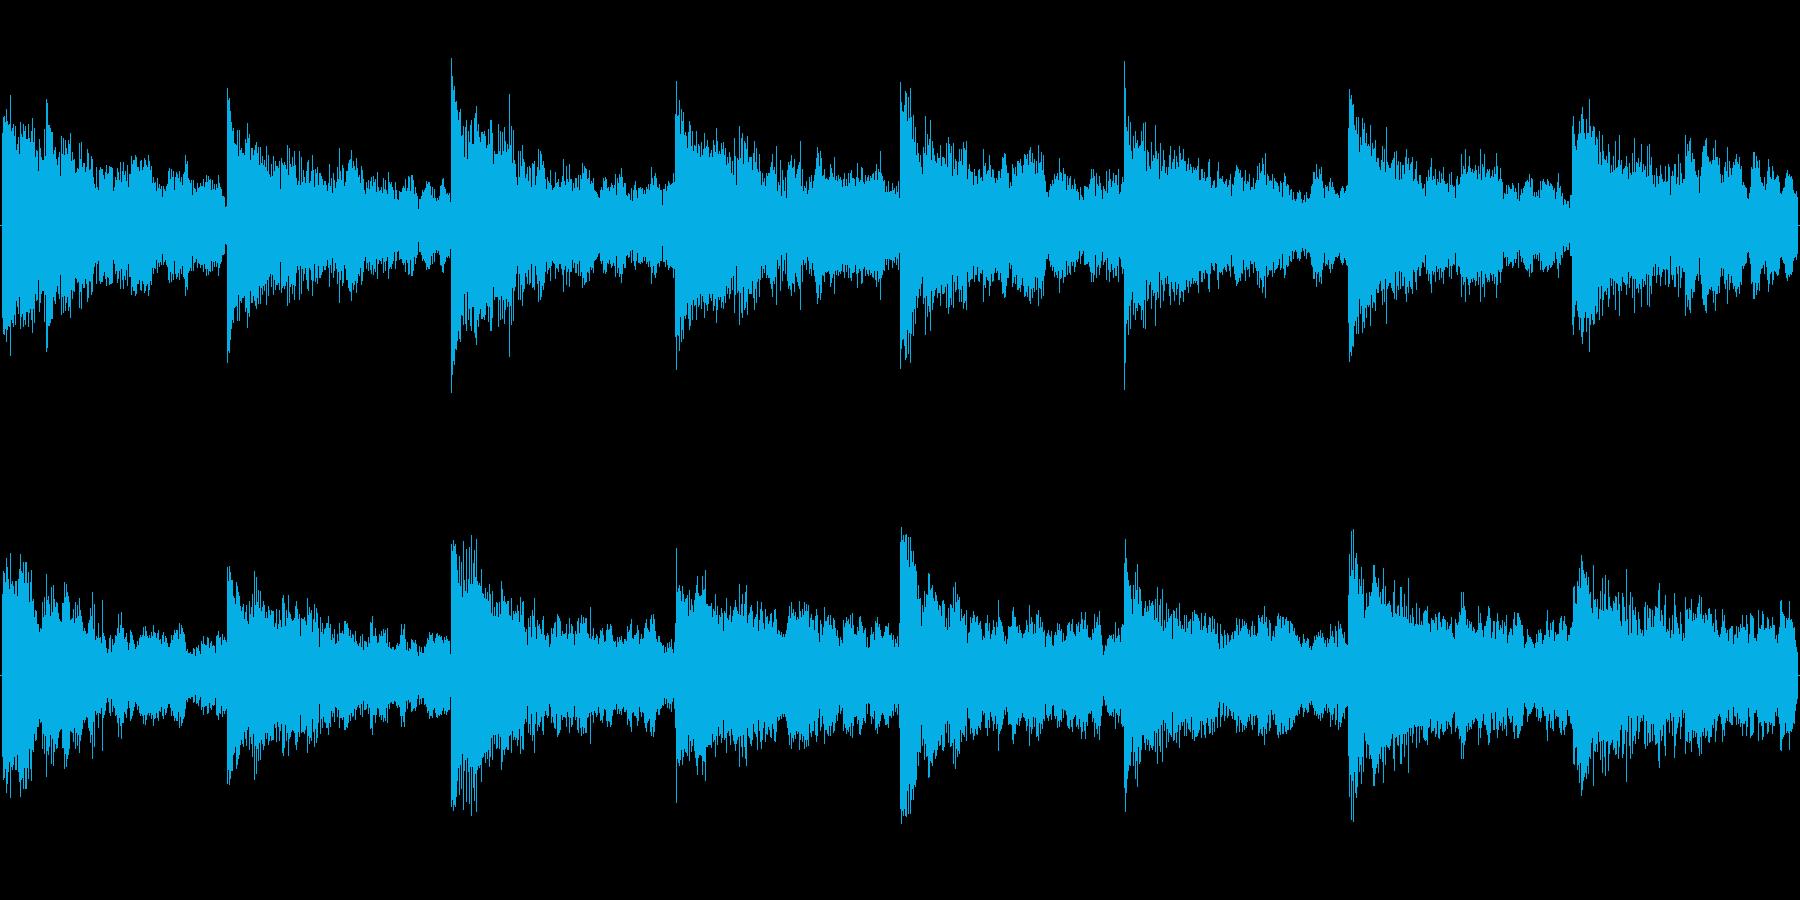 暗い雰囲気のホラーゲーム向けループ曲の再生済みの波形